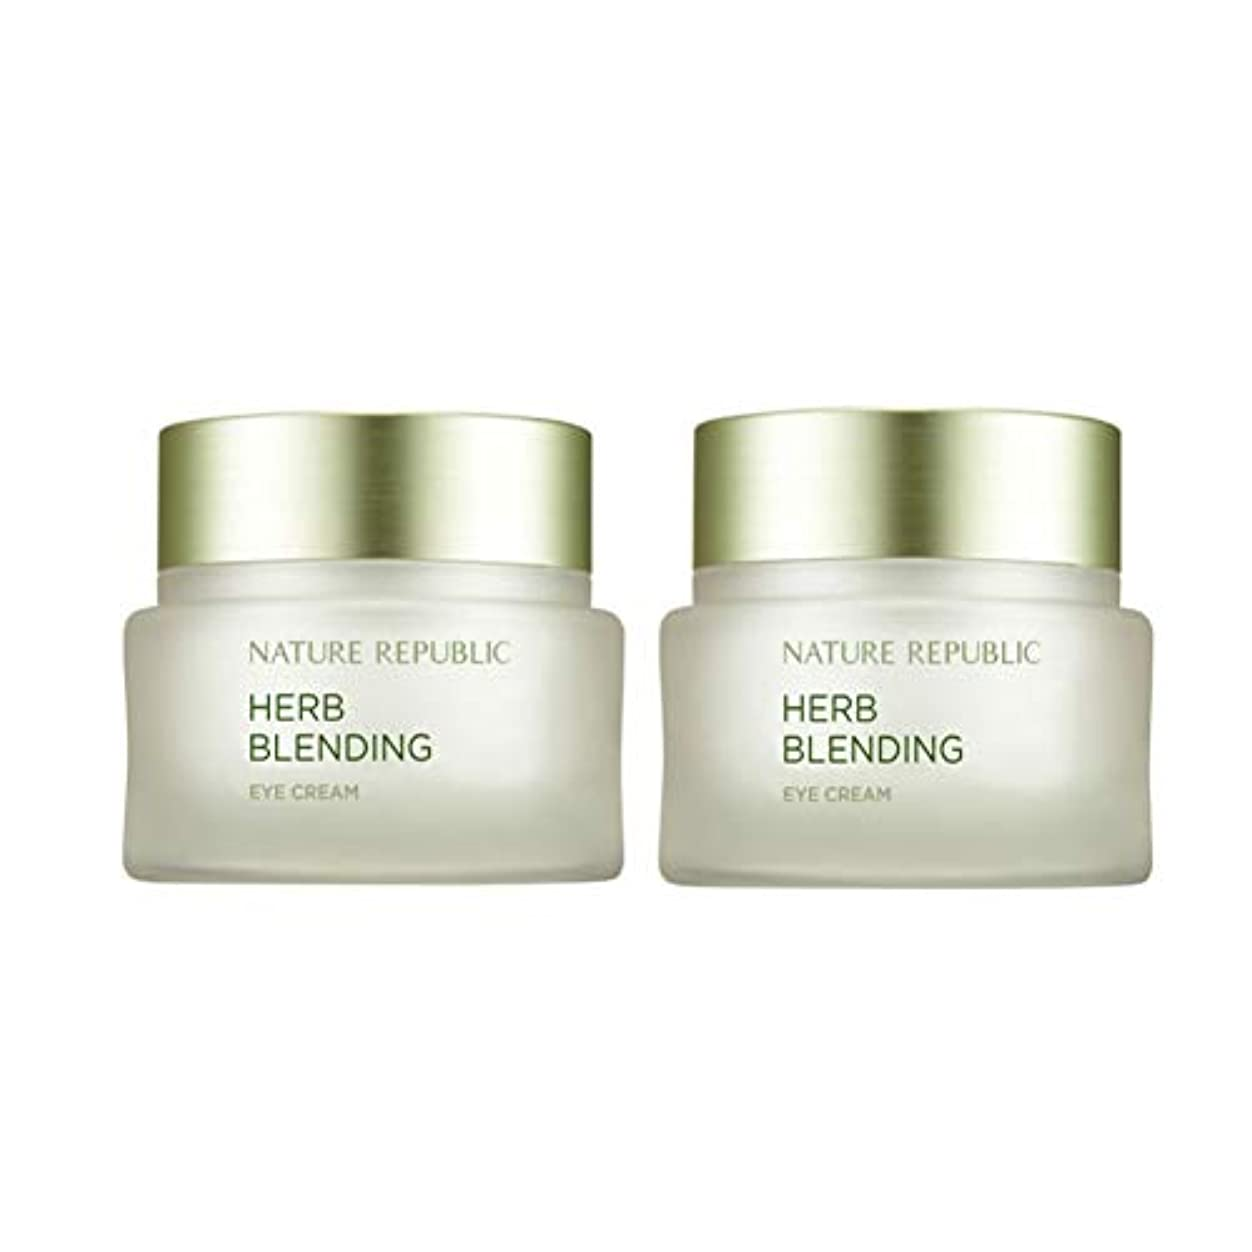 ケープエスカレーター会計ネイチャーリパブリックハーブ?ブレンディングクリーム50mlx 2本セット韓国コスメ、Nature Republic Herb Blending Cream 50ml x 2ea Set Korean Cosmetics...